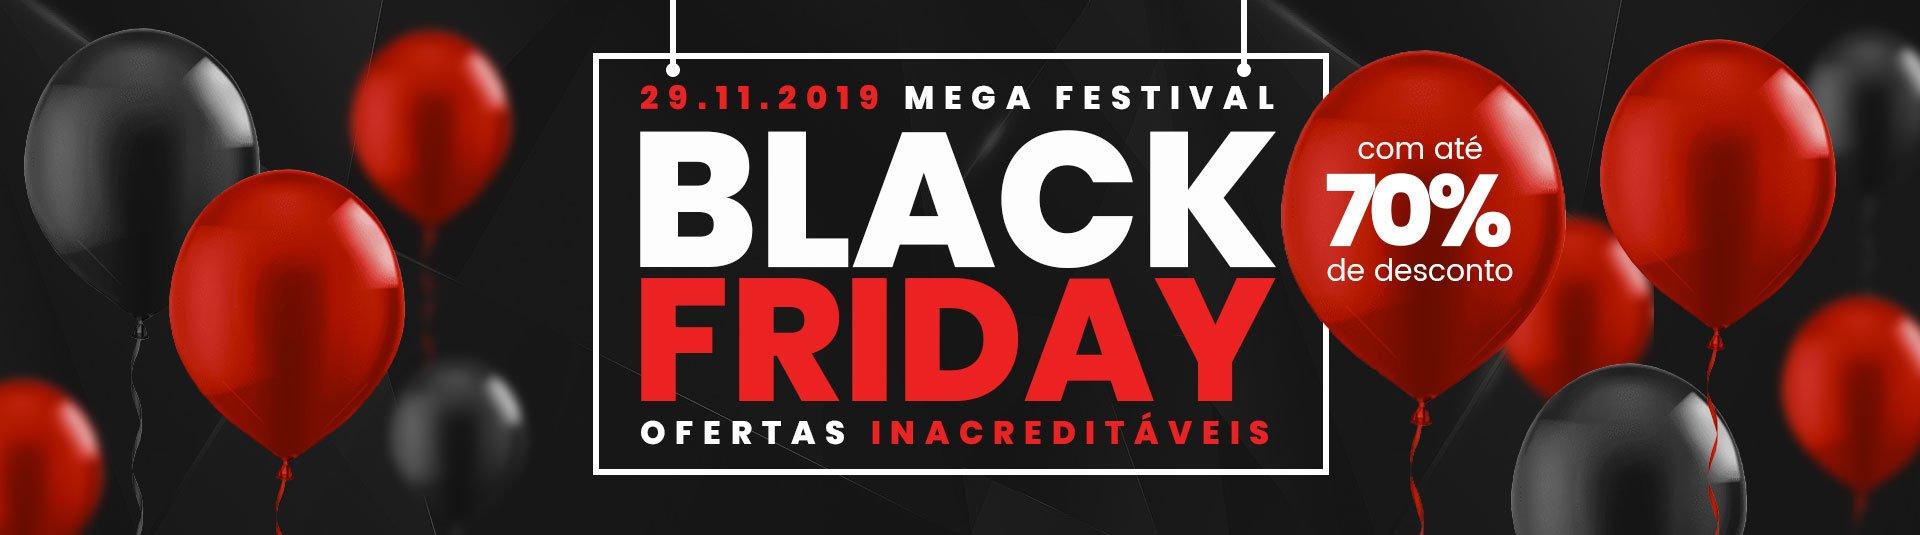 Black Friday Brasil 2019 70% de Desconto